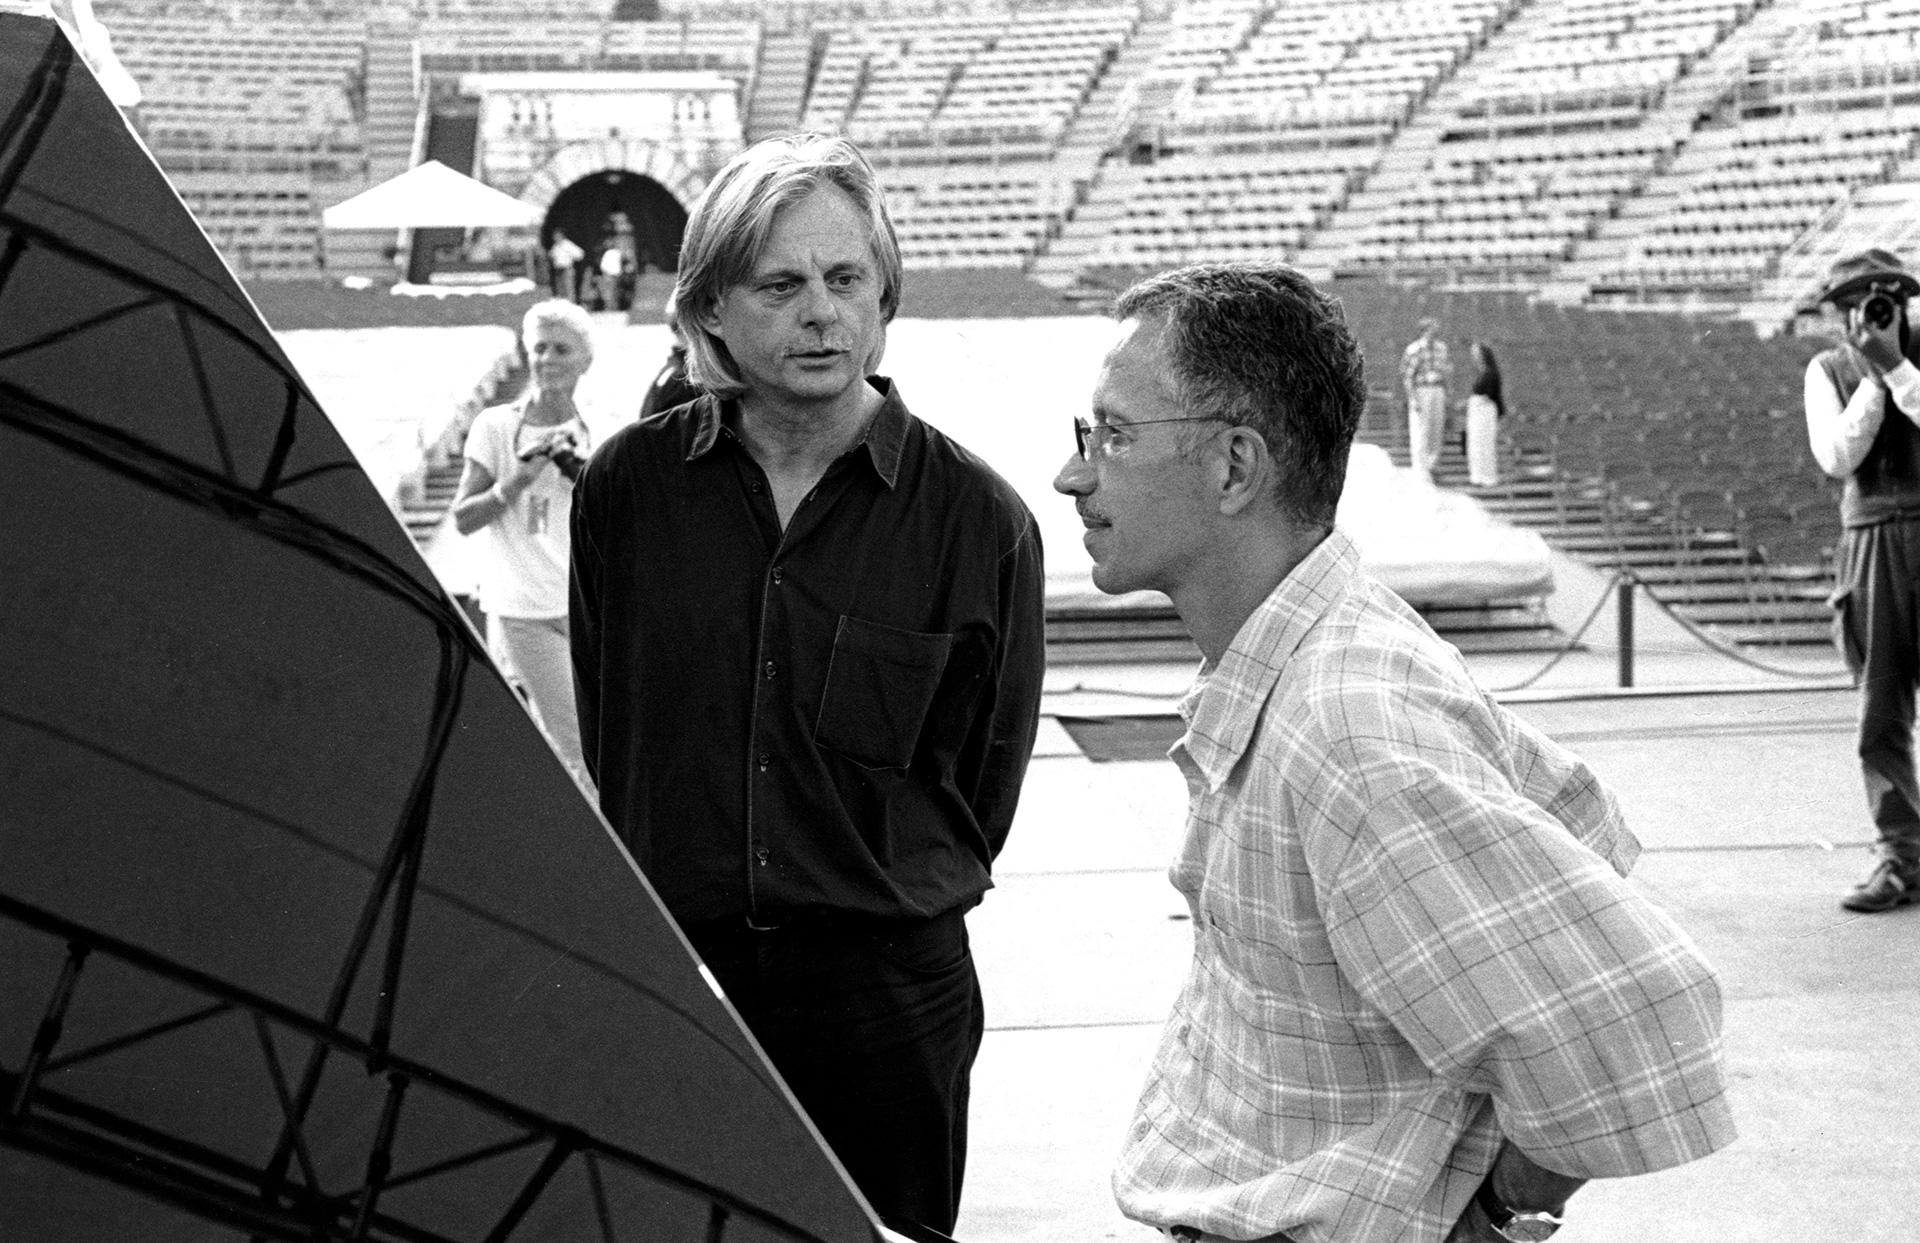 dcecc9aecb3 Manfred Eicher with Keith Jarrett. Photo: ECM Records / Roberto Masotti